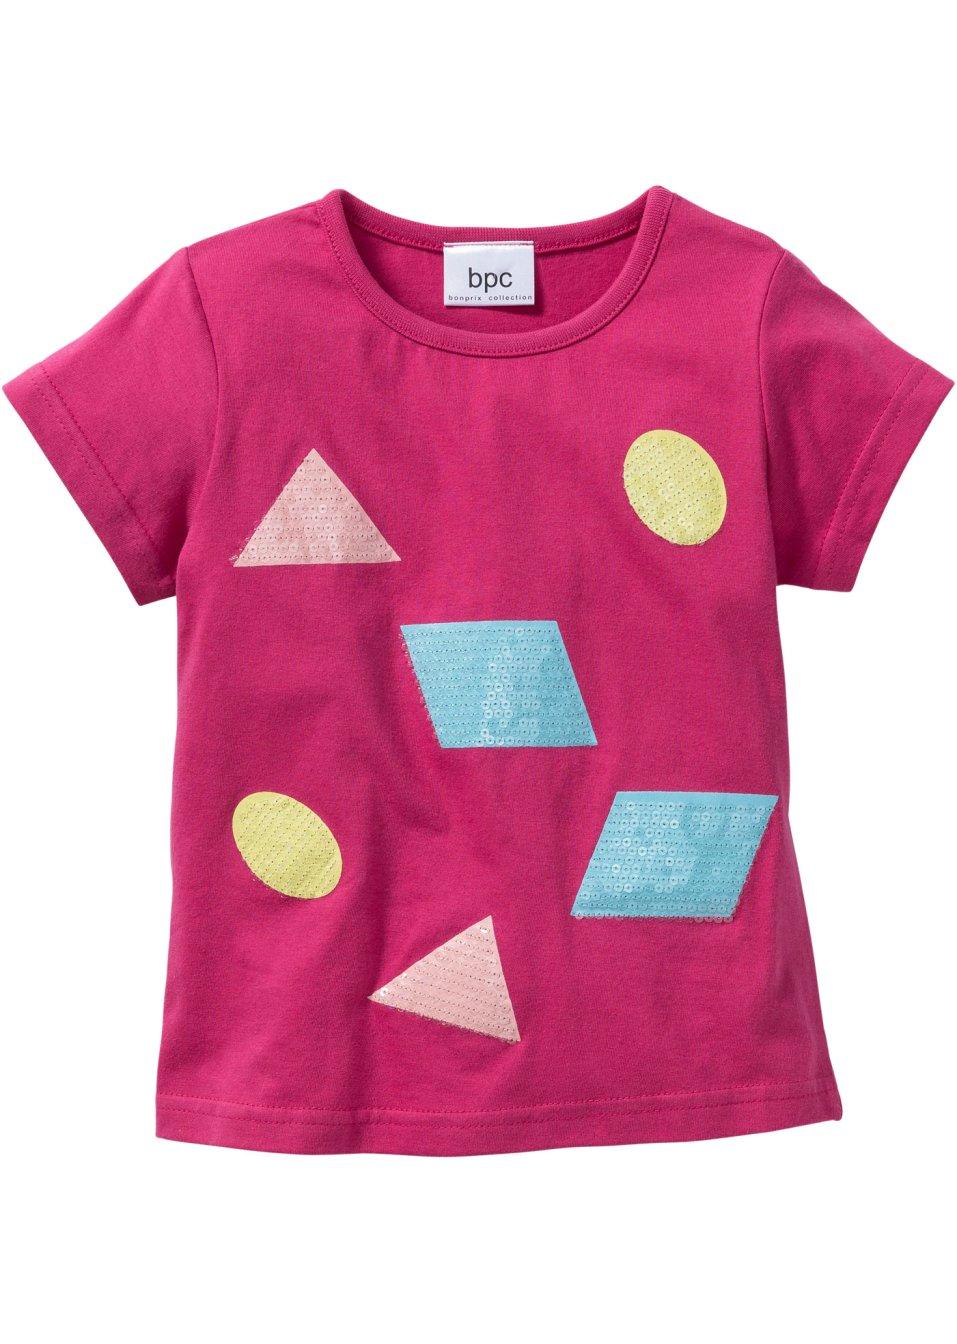 shirt mit pailletten gr 80 86 128 134 mediumpink online kaufen. Black Bedroom Furniture Sets. Home Design Ideas